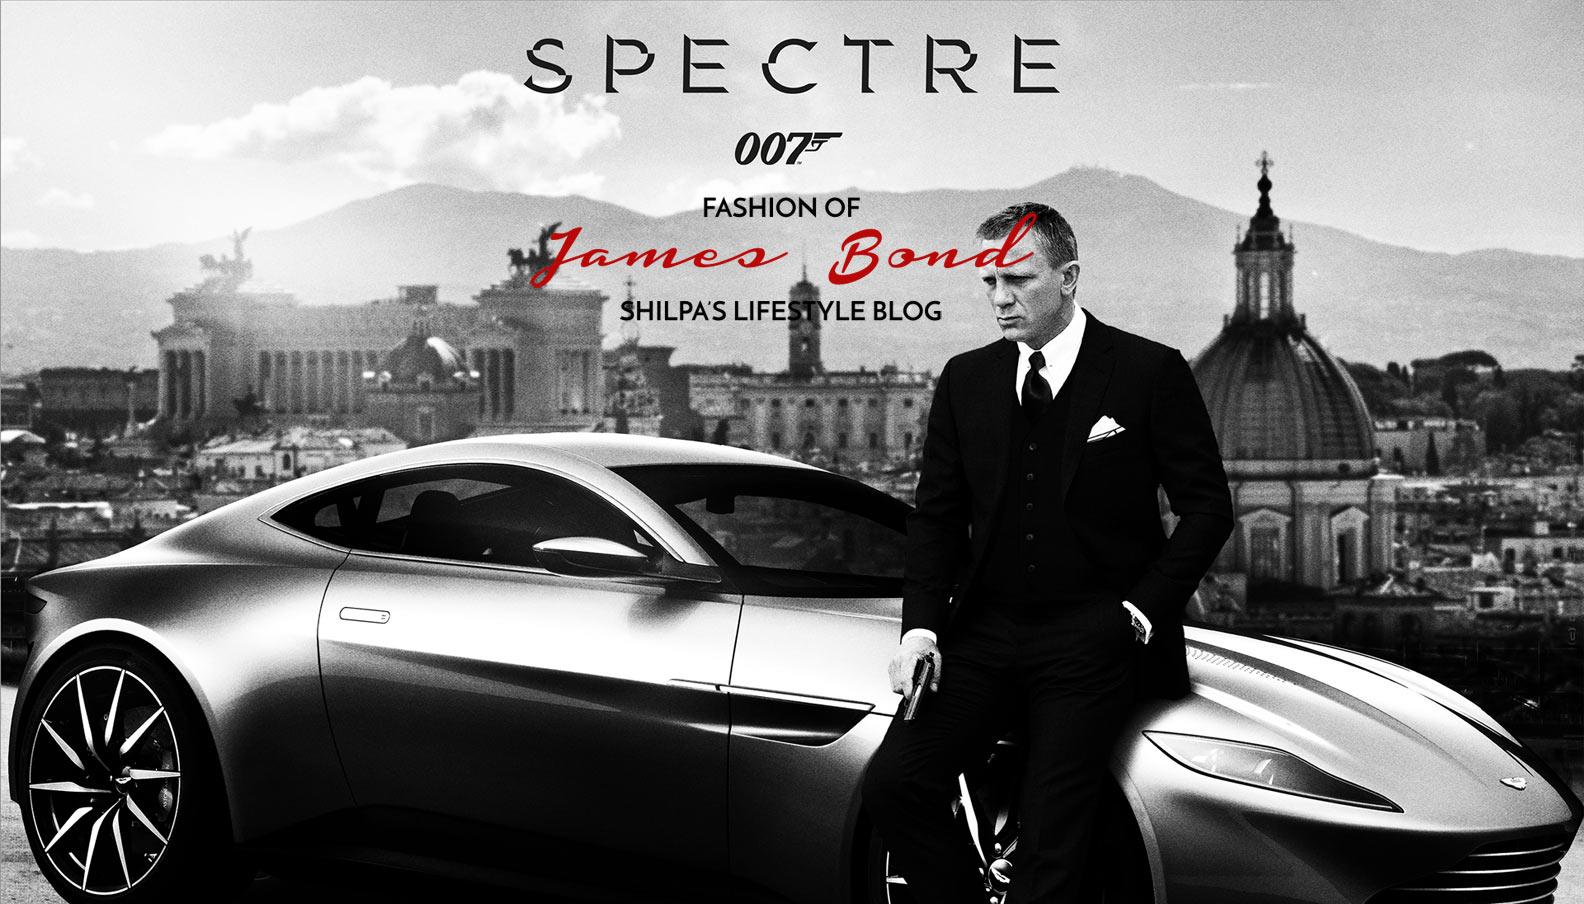 spectre-movie-fashion-daniel-craig-james-bond-look-poster-suit-car